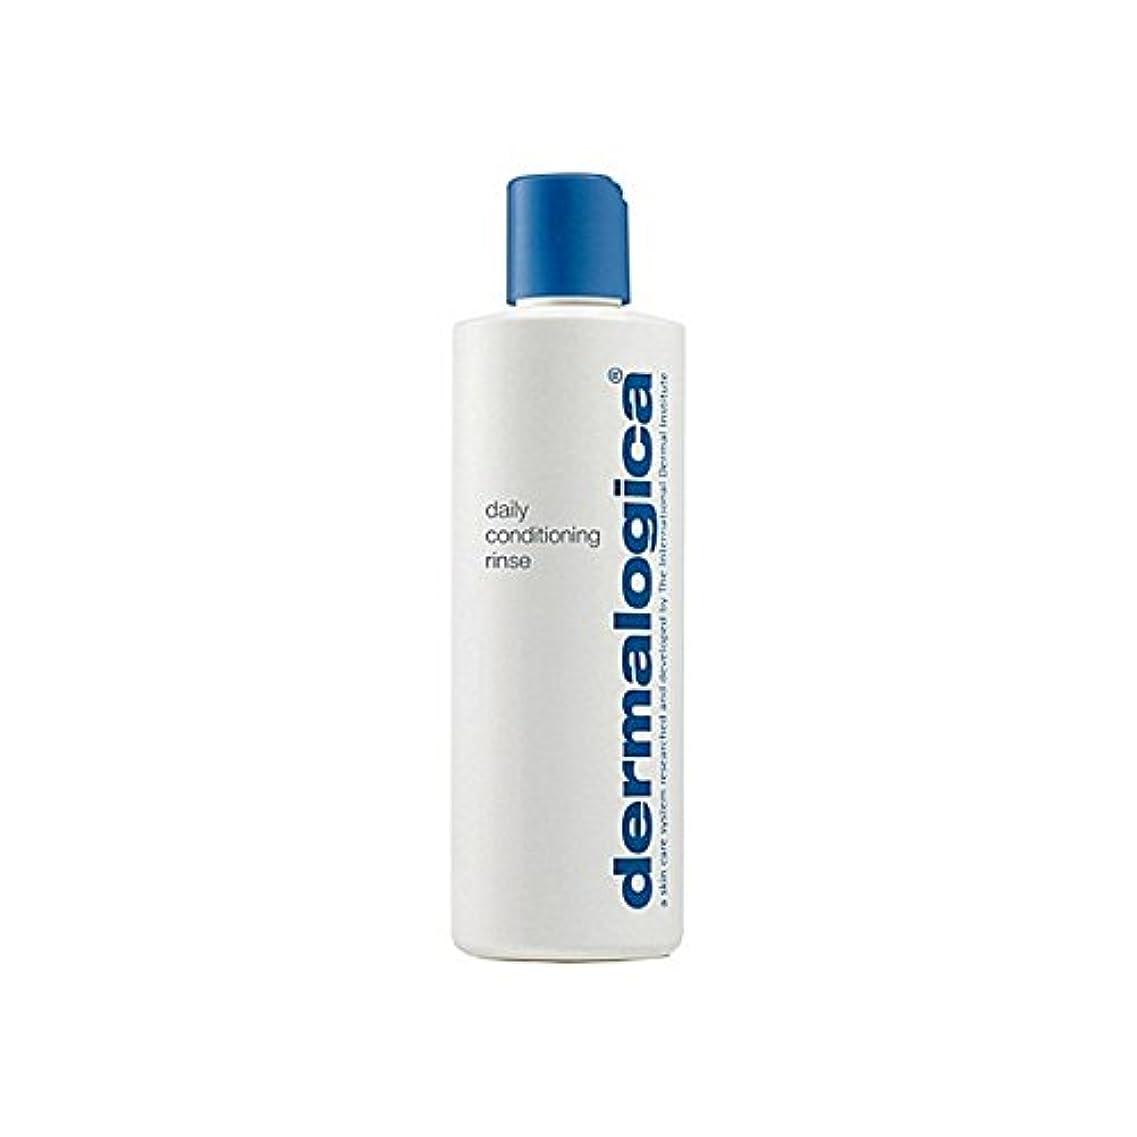 選択発行するスペースDermalogica Daily Conditioning Rinse 50ml (Pack of 6) - ダーマロジカ毎日コンディショニングリンス50ミリリットル x6 [並行輸入品]